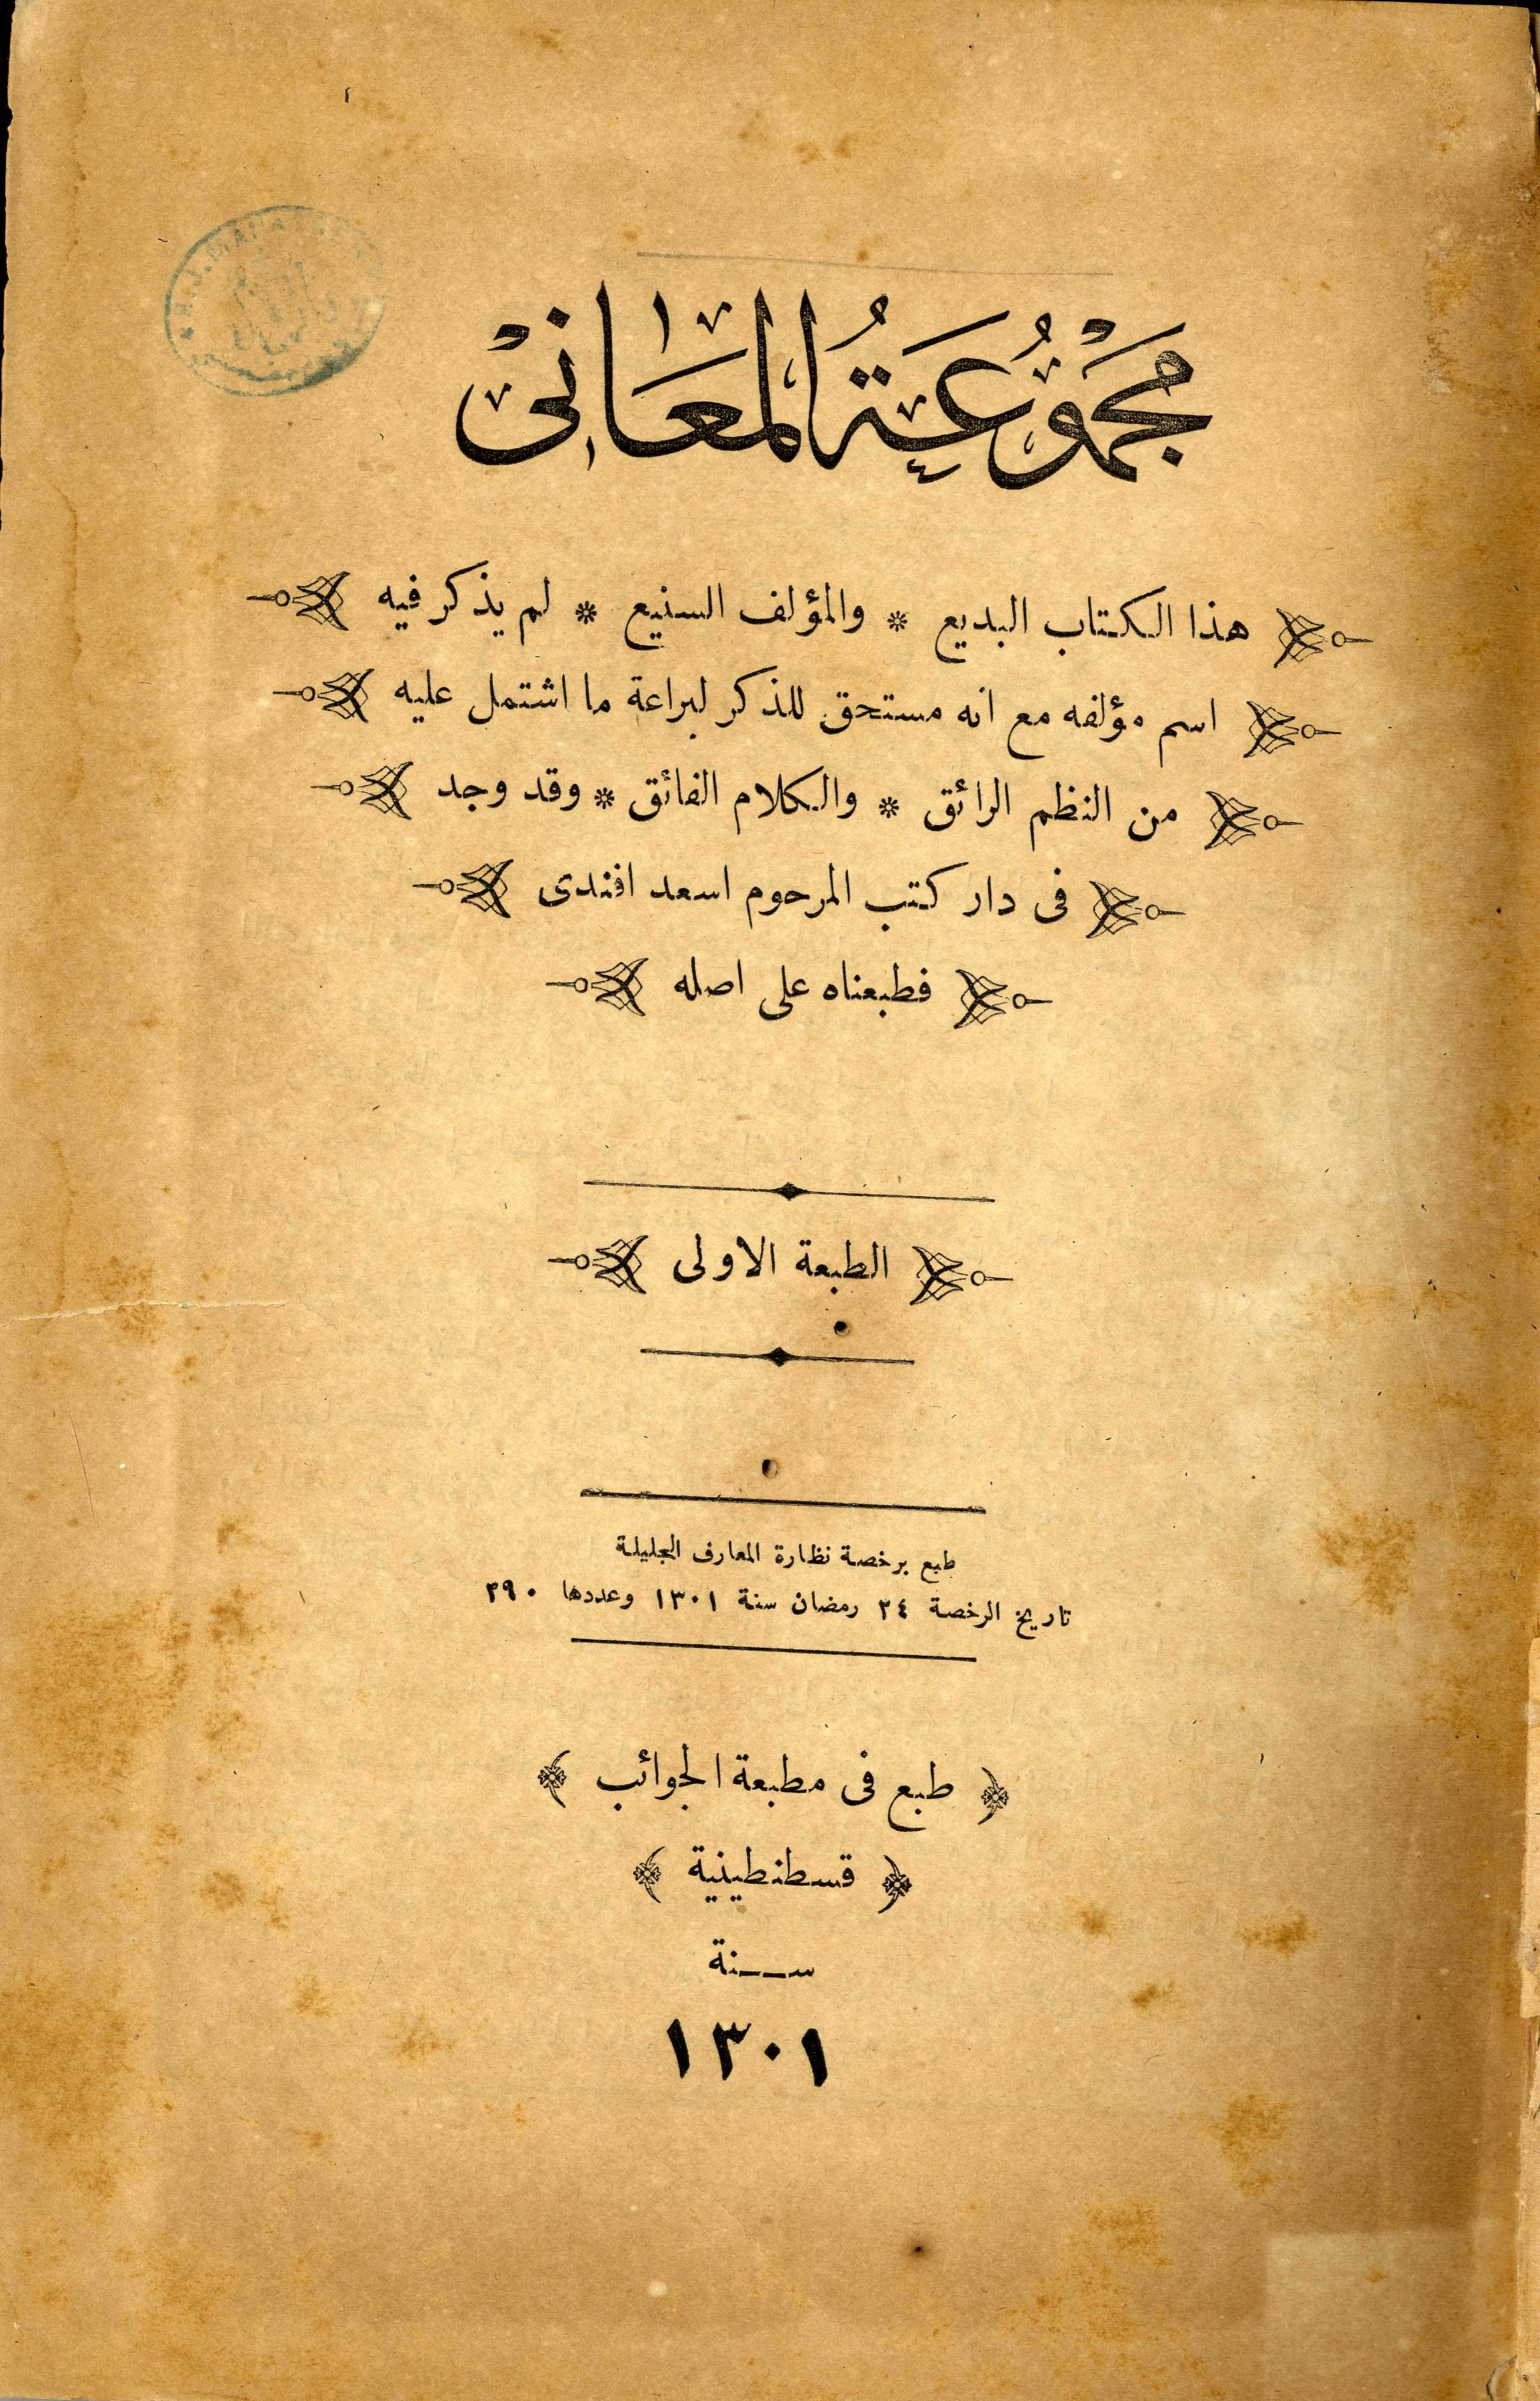 majmou'at al-ma'ani. - folios